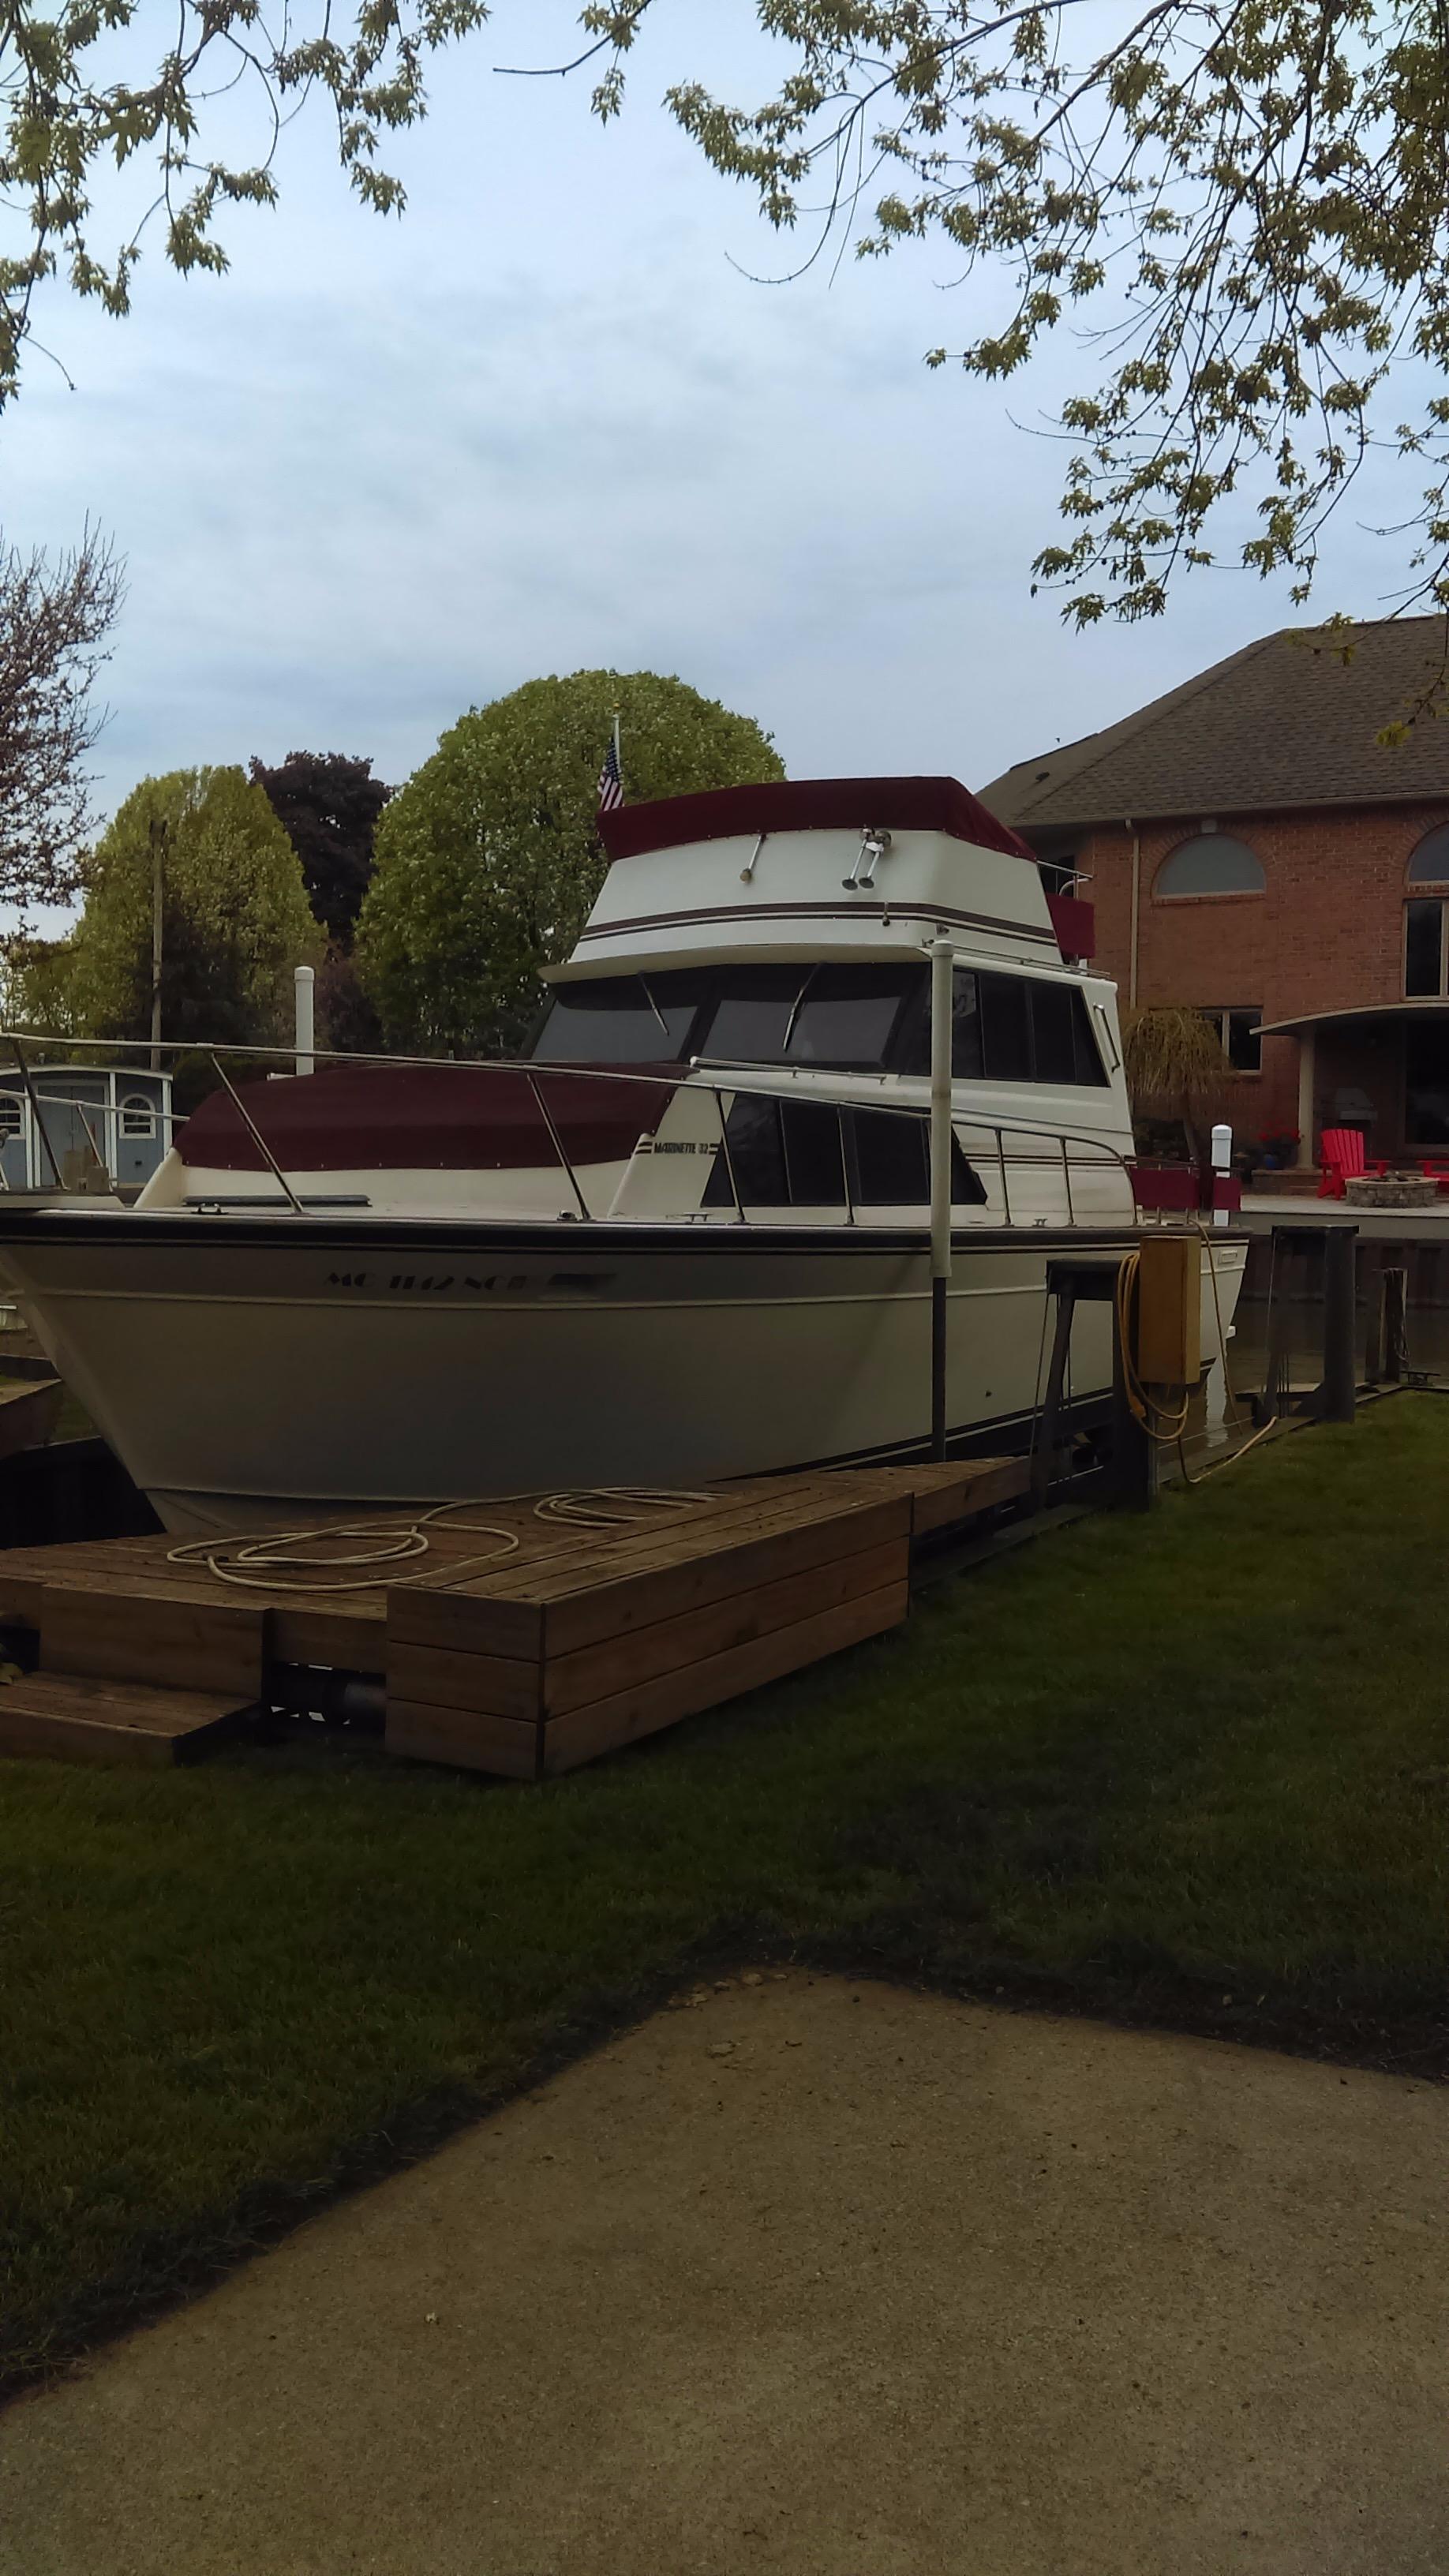 Marinette boats for sale - Boat Trader